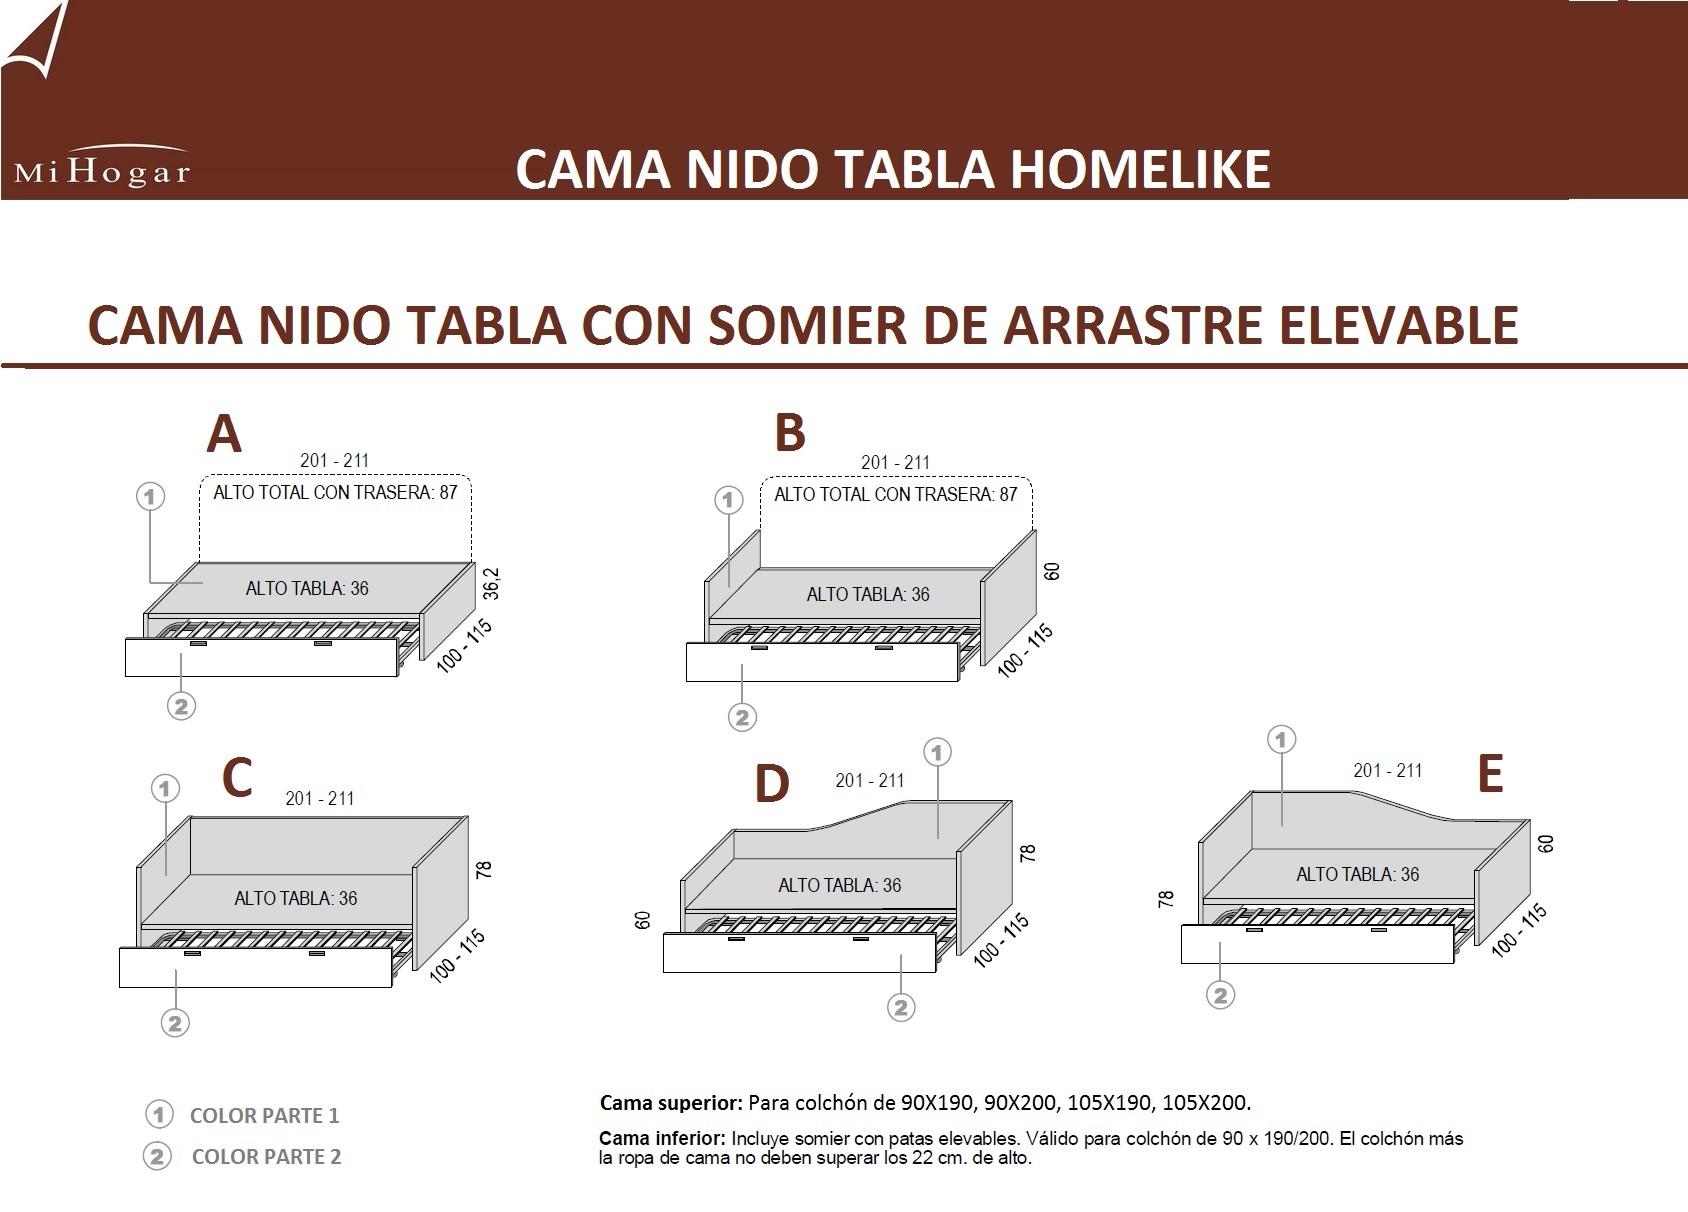 Cama nido tabla homelike muebles mi hogar for Cuanto miden las camas king